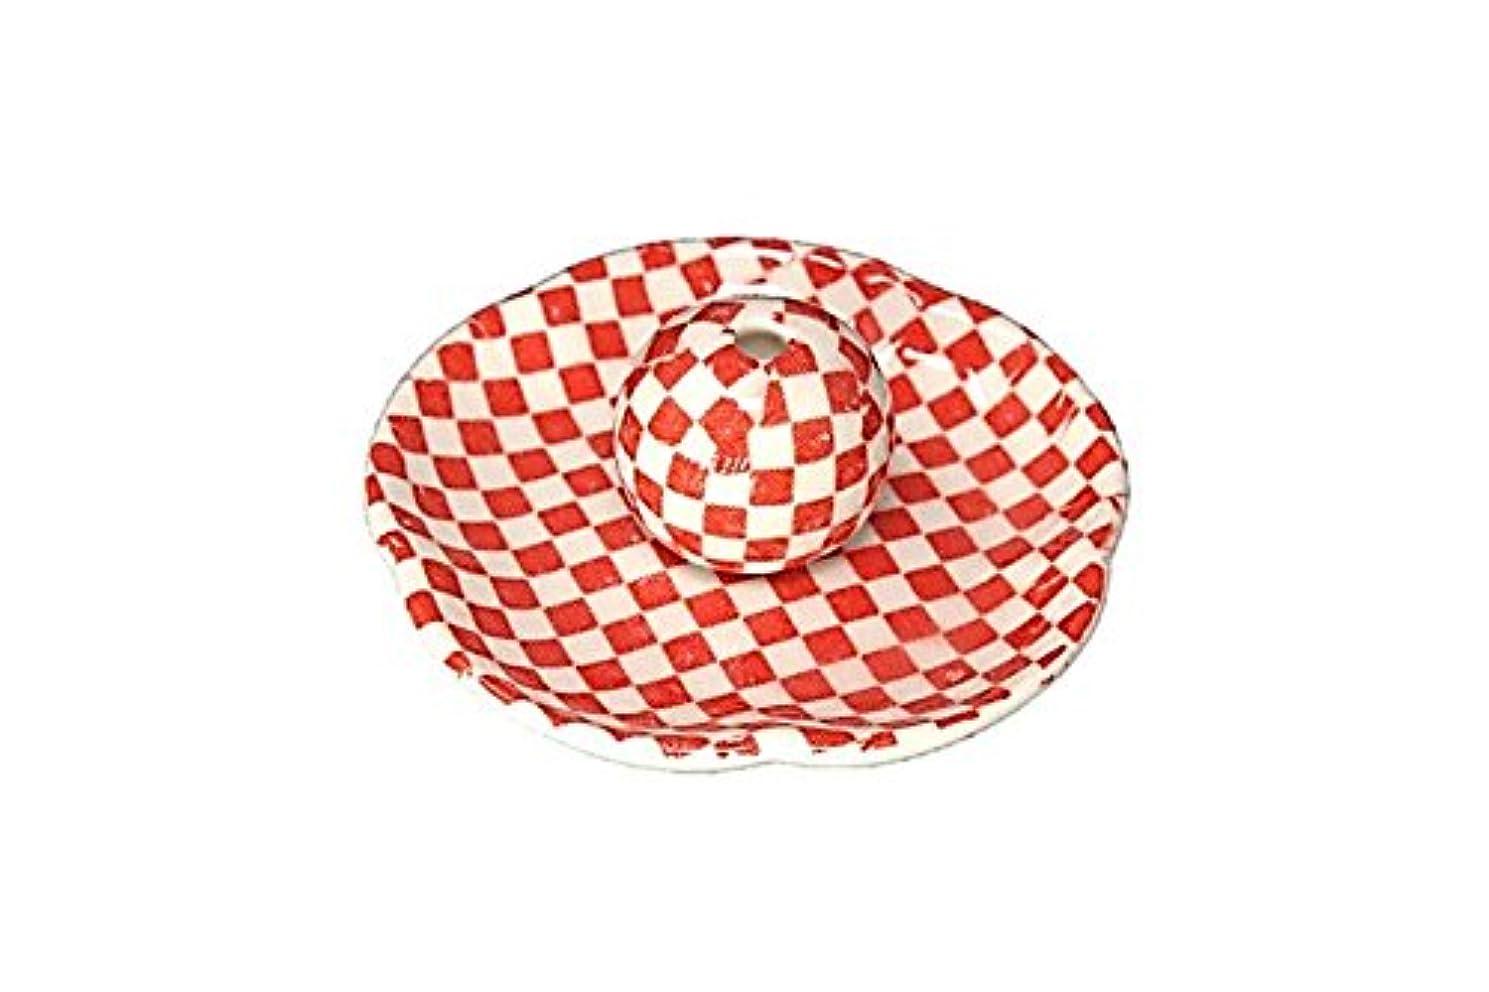 再び七時半トーナメント市松 赤 花形香皿 お香立て 日本製